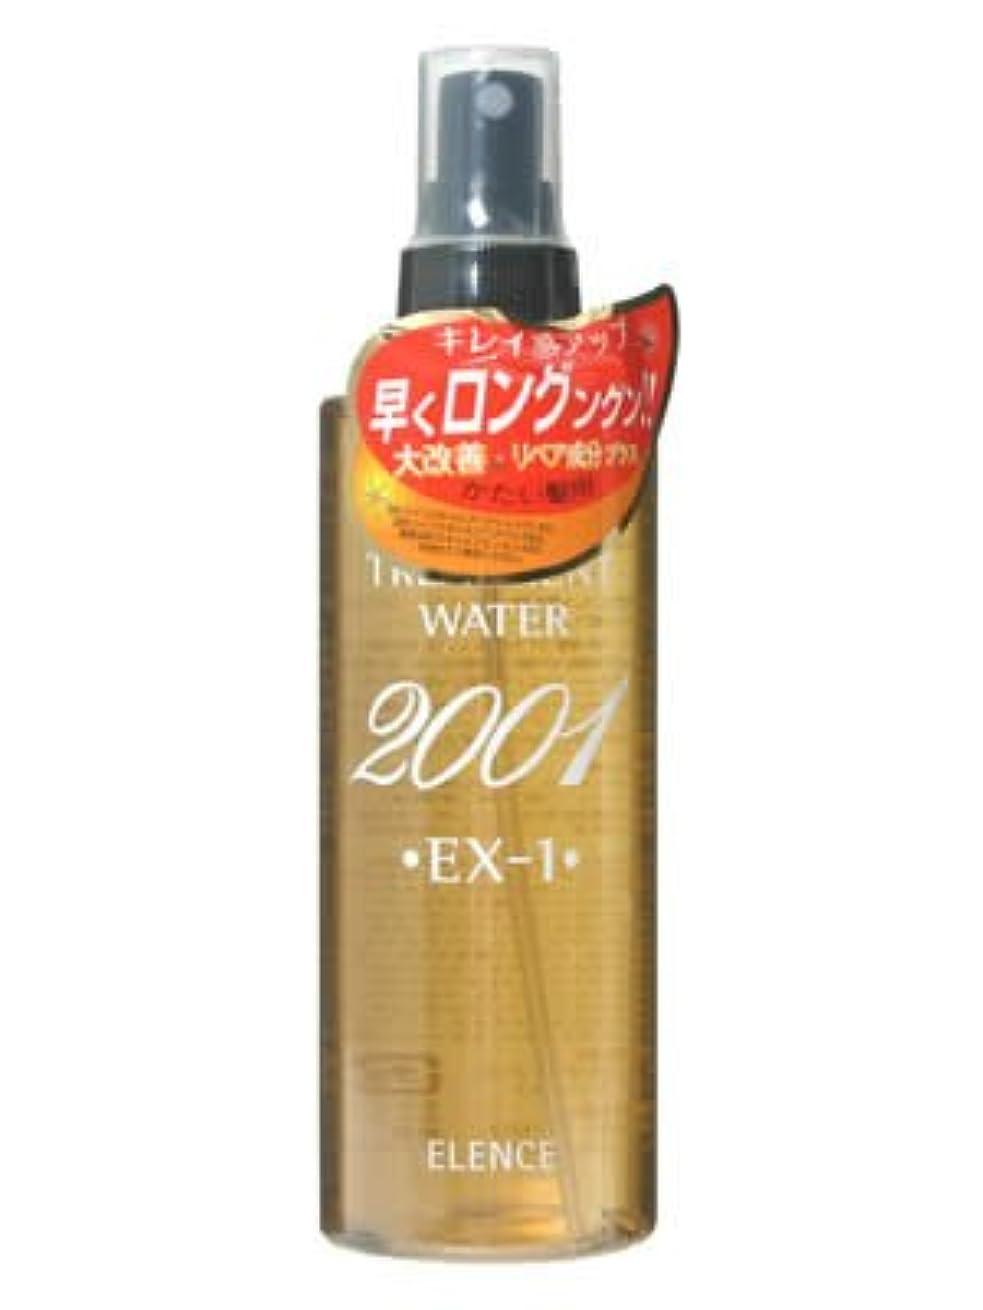 暴露ボウル発火するエレンス2001 スキャルプトリートメントウォーターEX-1(かたい髪用)